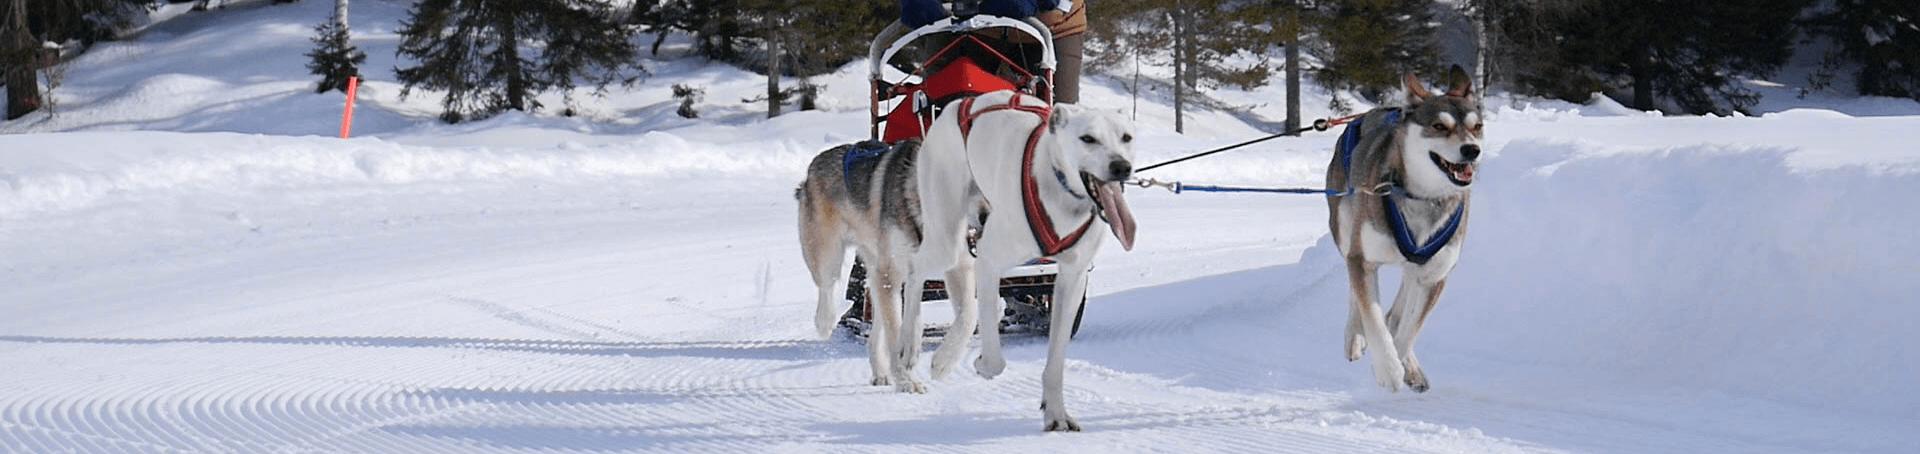 3 Schlittenhunde die einen Teilnehmer beim Schlittenhundeworkshop ziehen